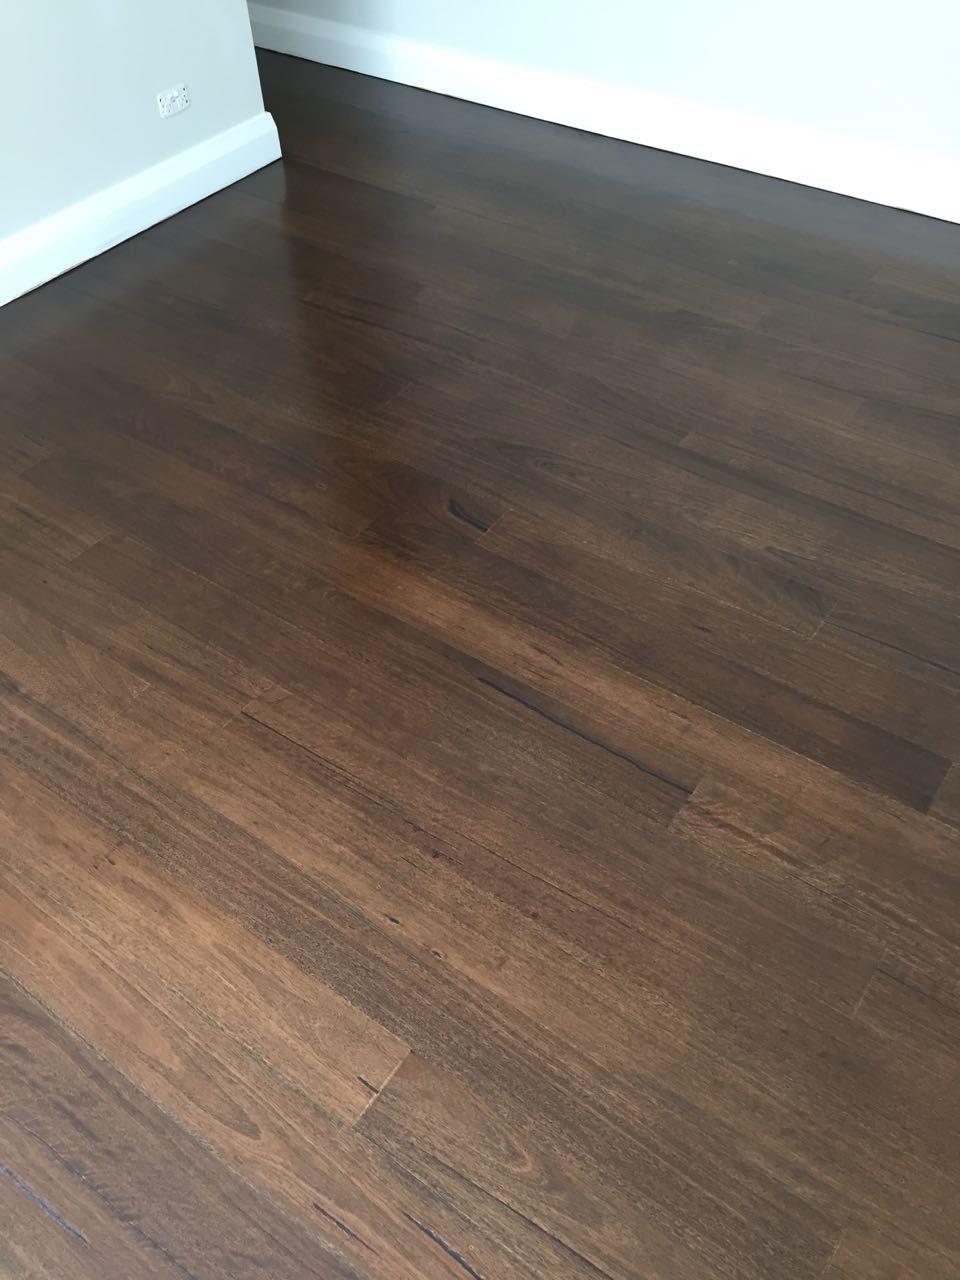 BlackbuttstainedJapanBrown4of5 House flooring